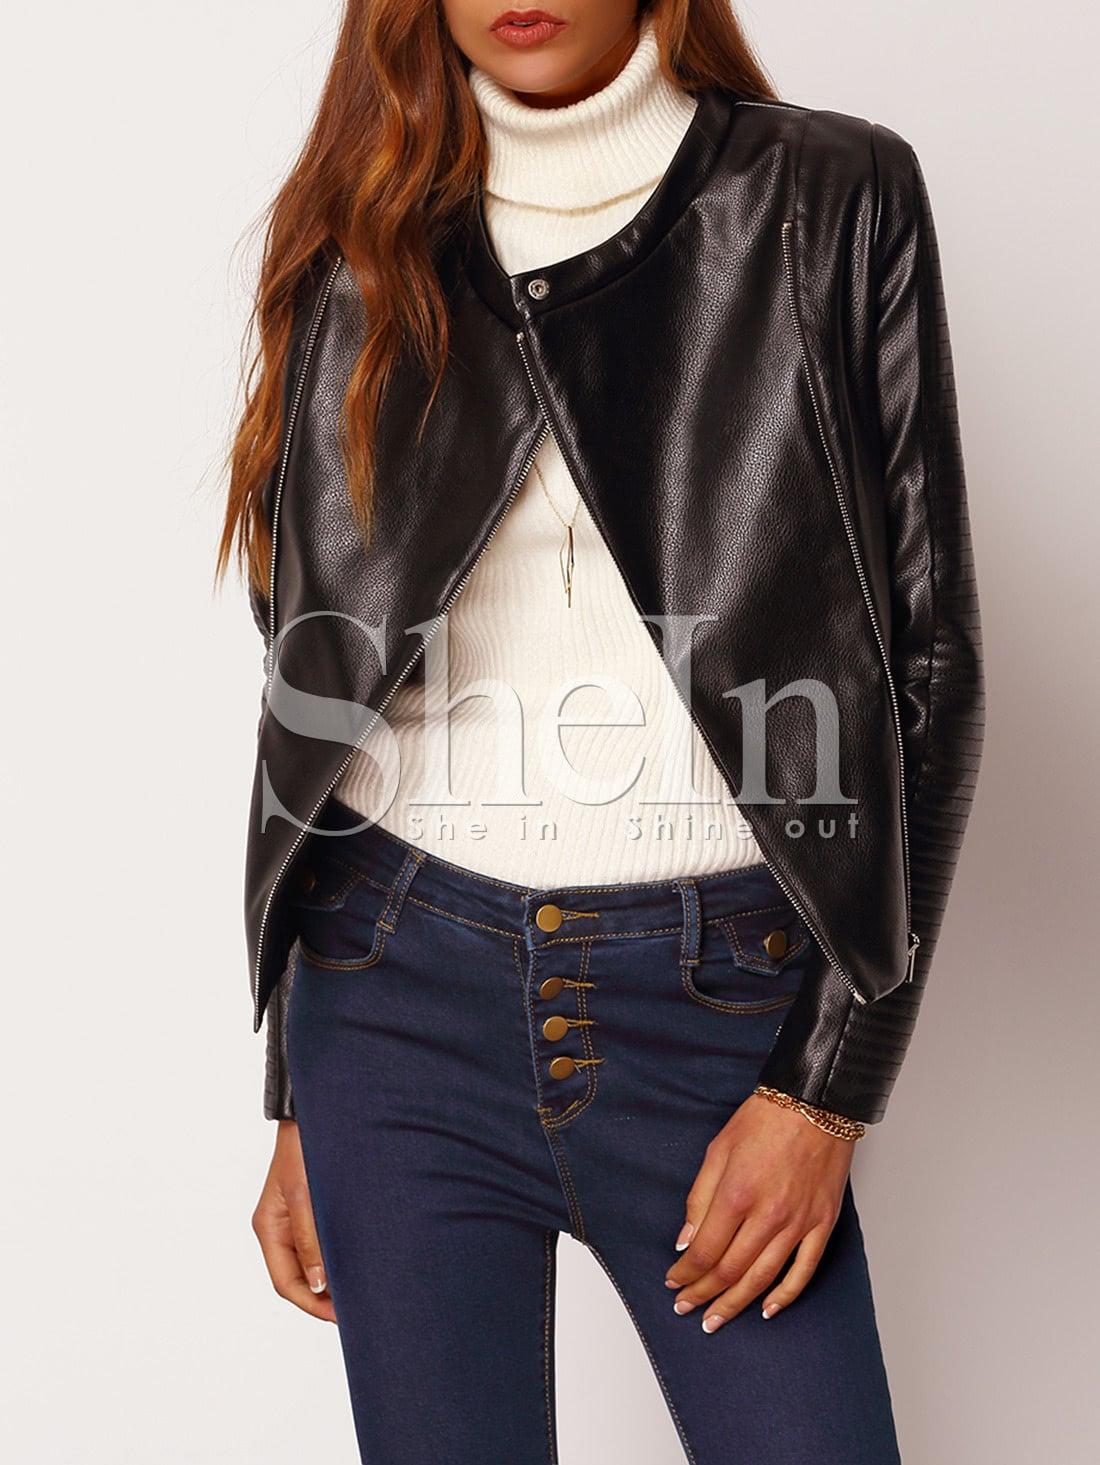 Black Long Sleeve Zipper Jacket jacket151028501